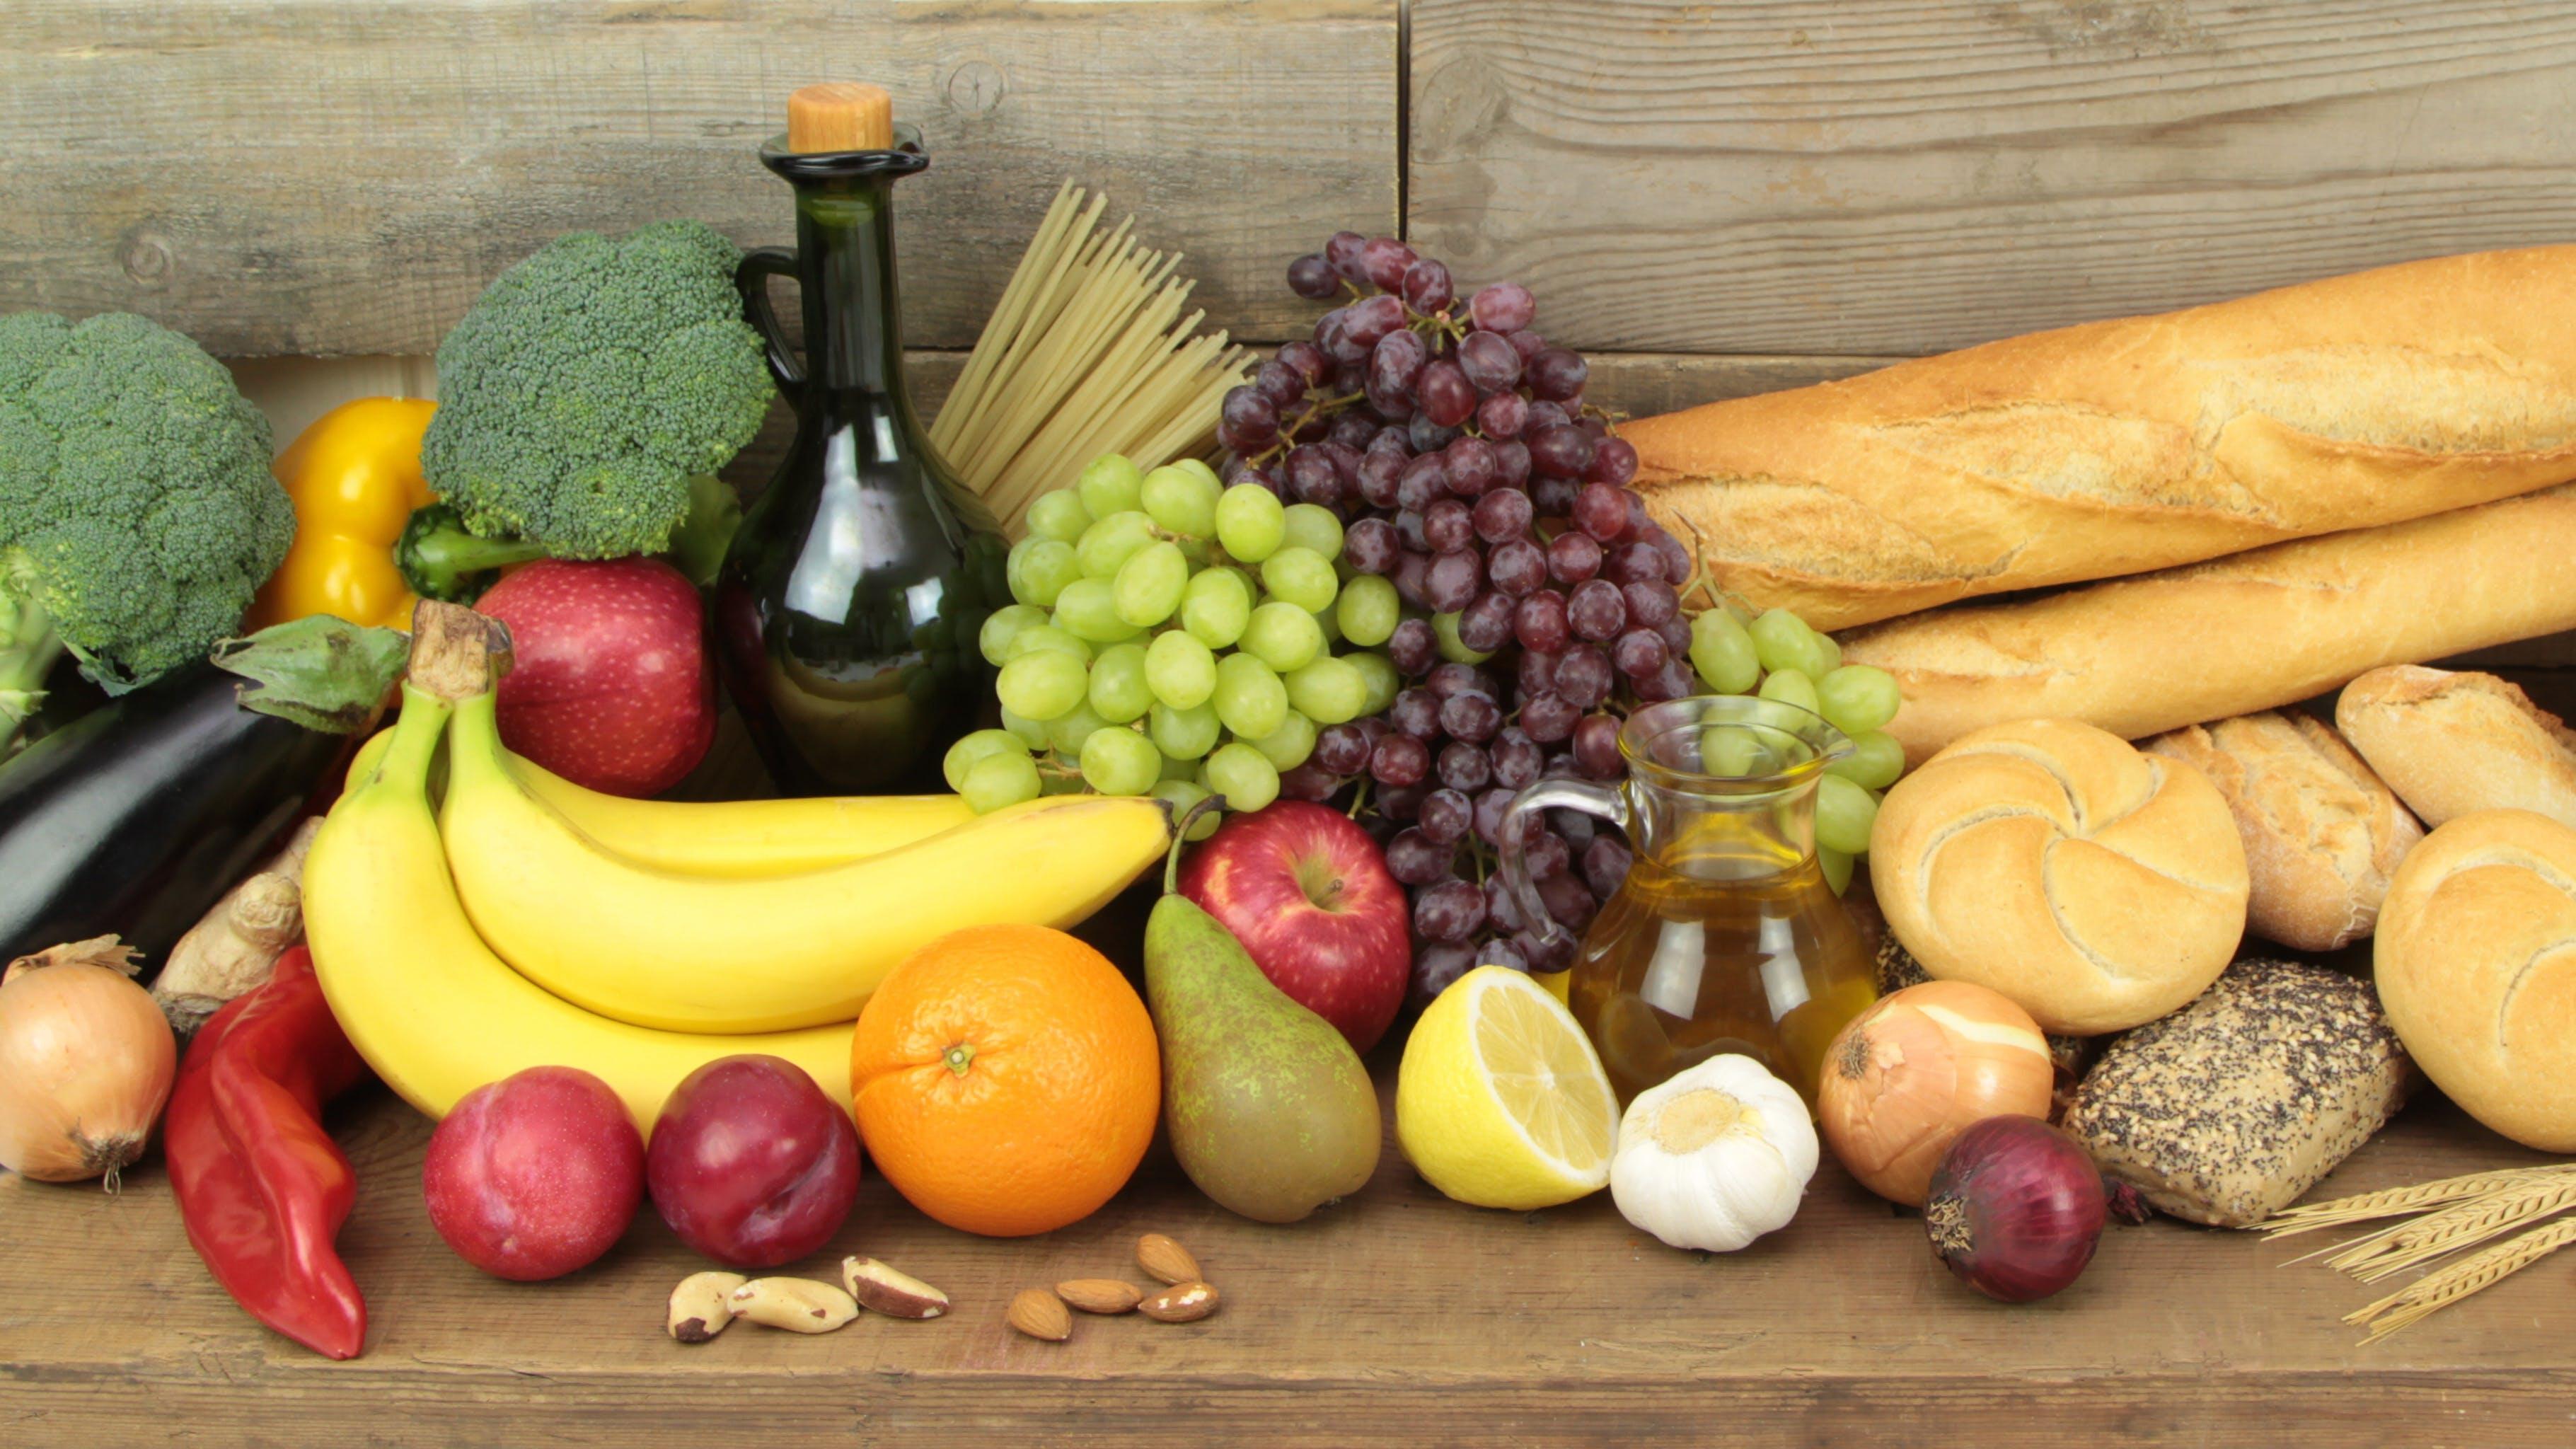 Various organic foods